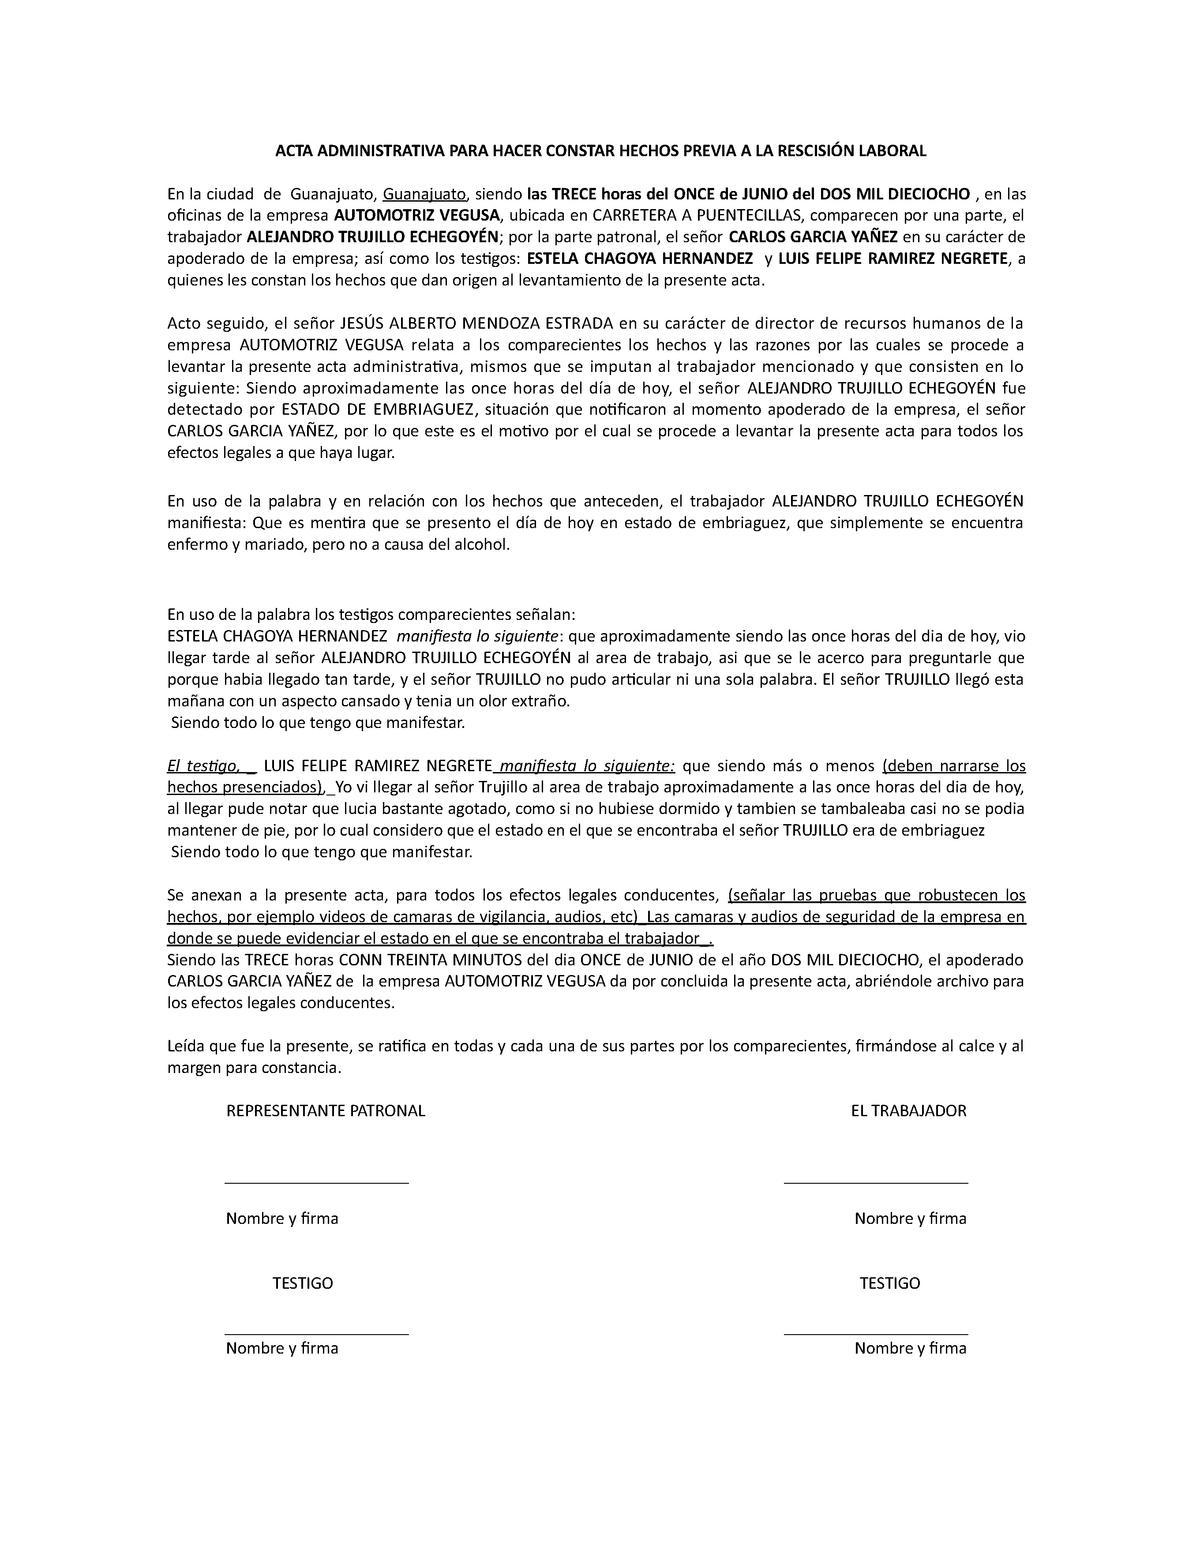 Acta Administrativa Previa A La Rescisión 1180 Jr151296